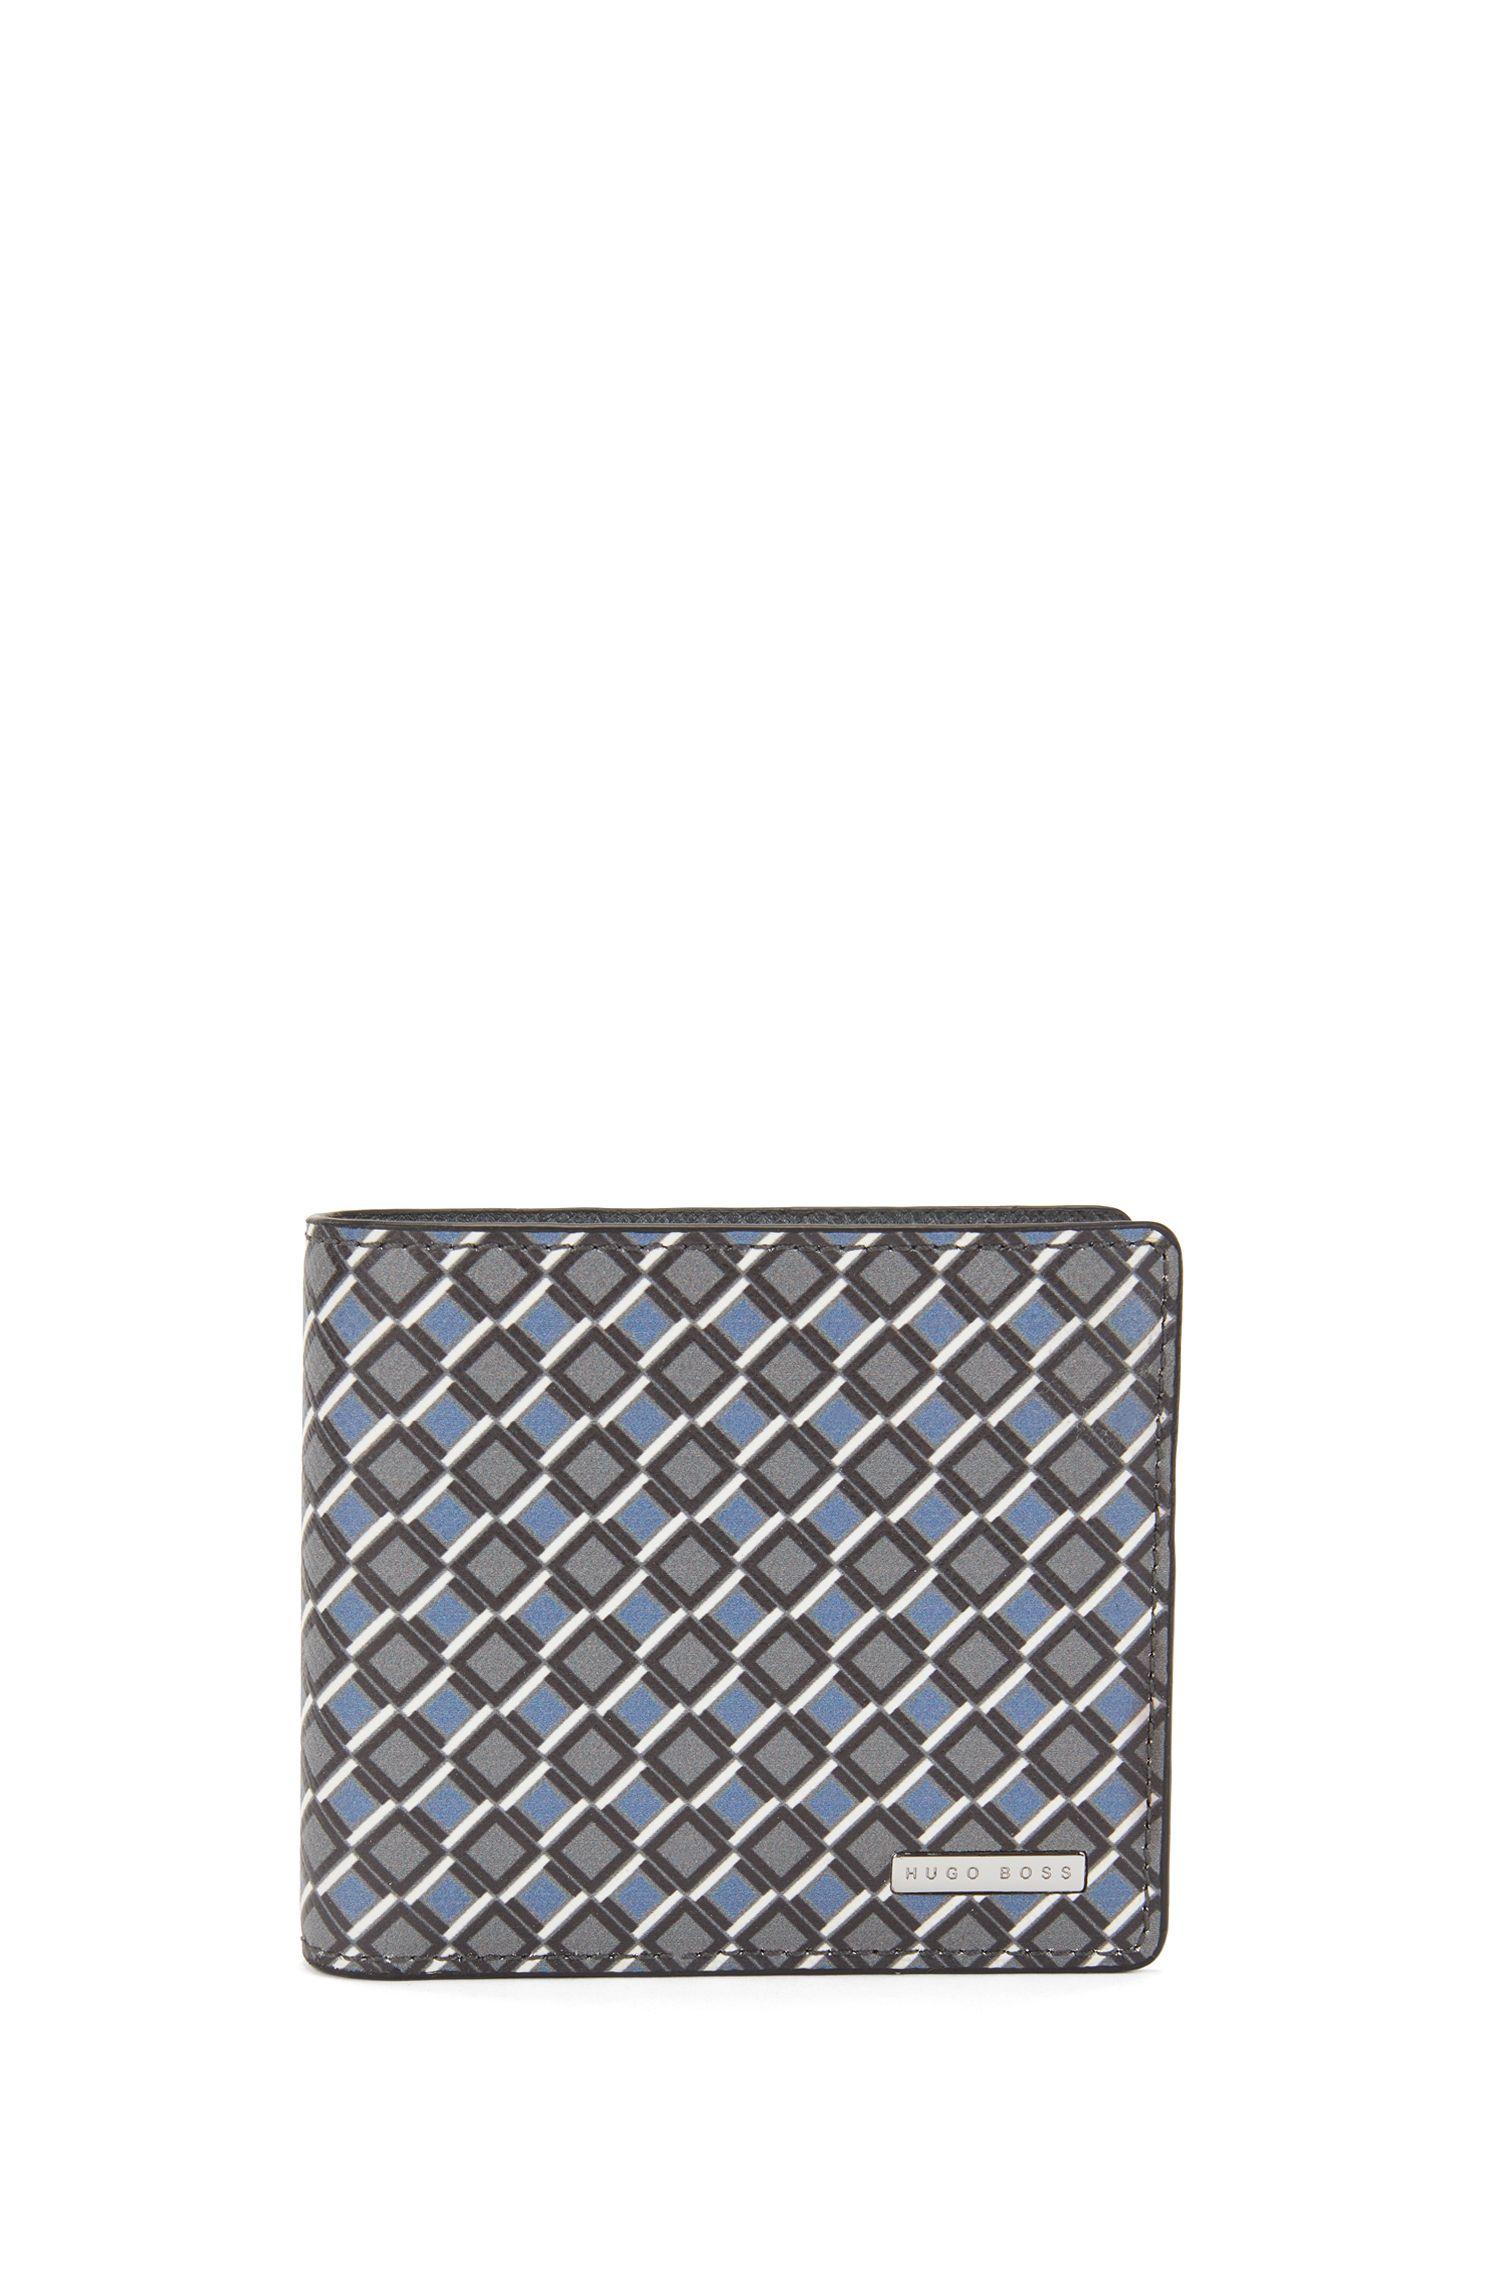 Portefeuille Signature Collection en cuir imprimé à deux volets avec poche pour la monnaie eJINko7